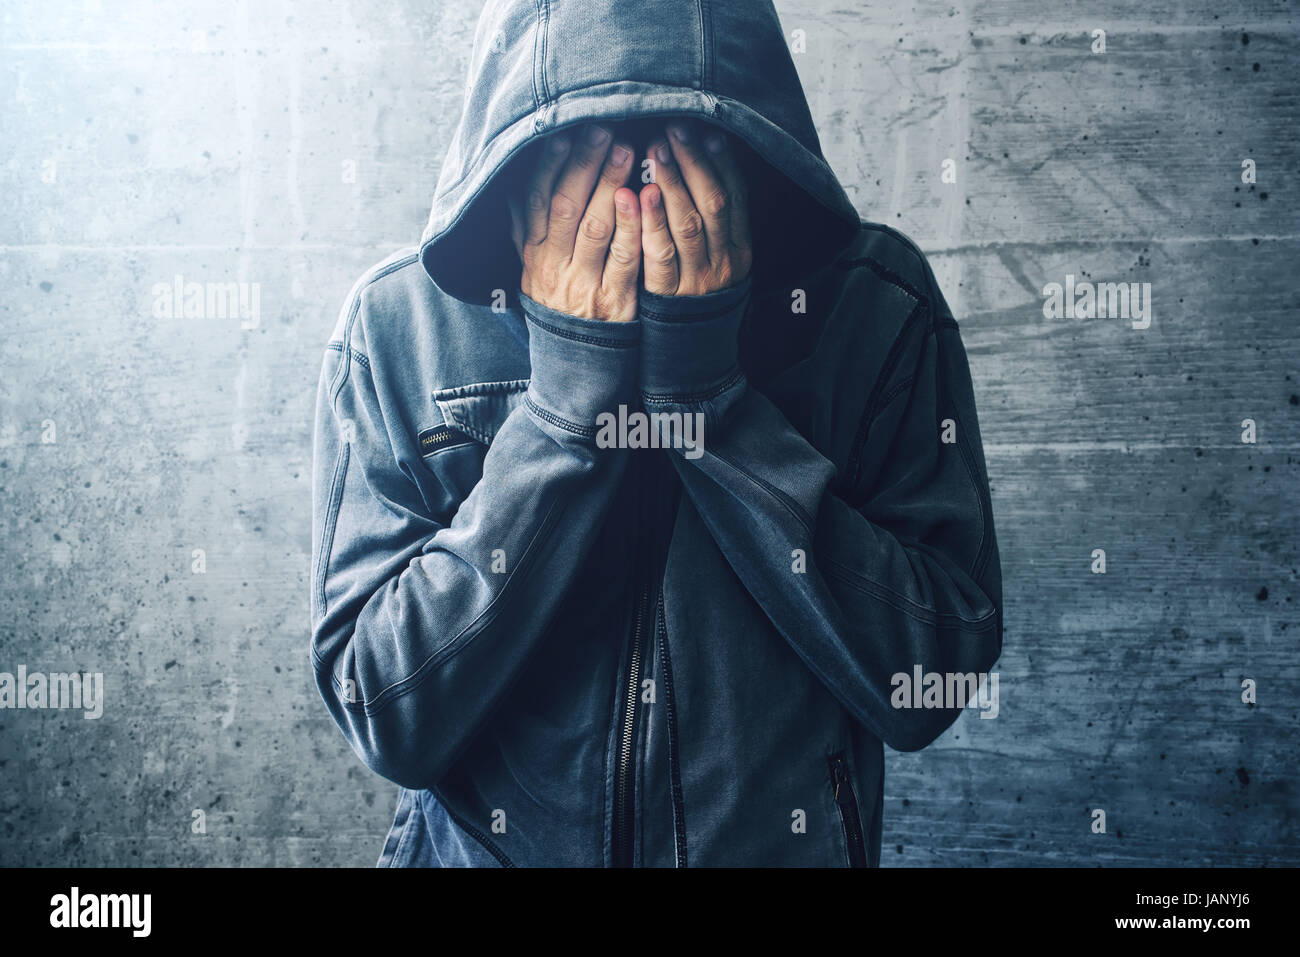 Desesperado drogadicto atravesando crisis de adicción, retrato de una persona adulta joven con dependencia de sustancias Foto de stock